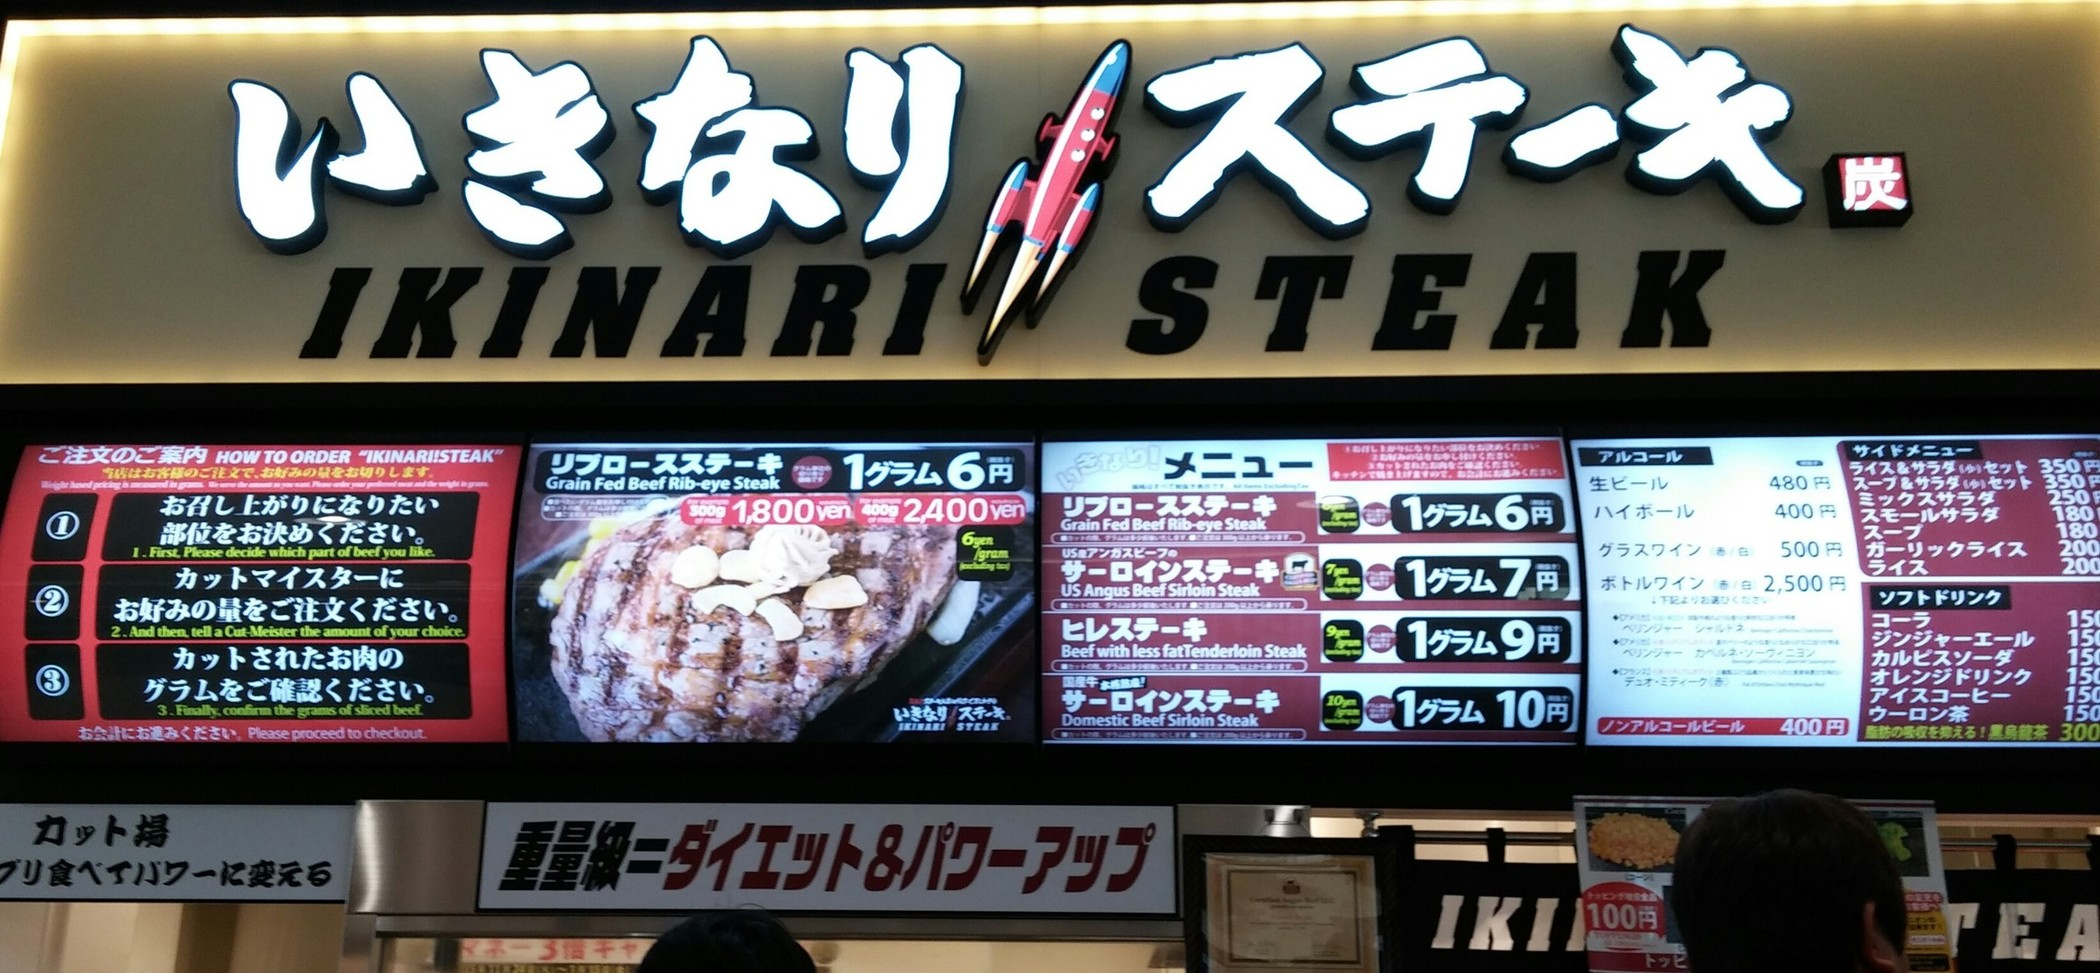 いきなりステーキ イオンモール千葉ニュータウン店